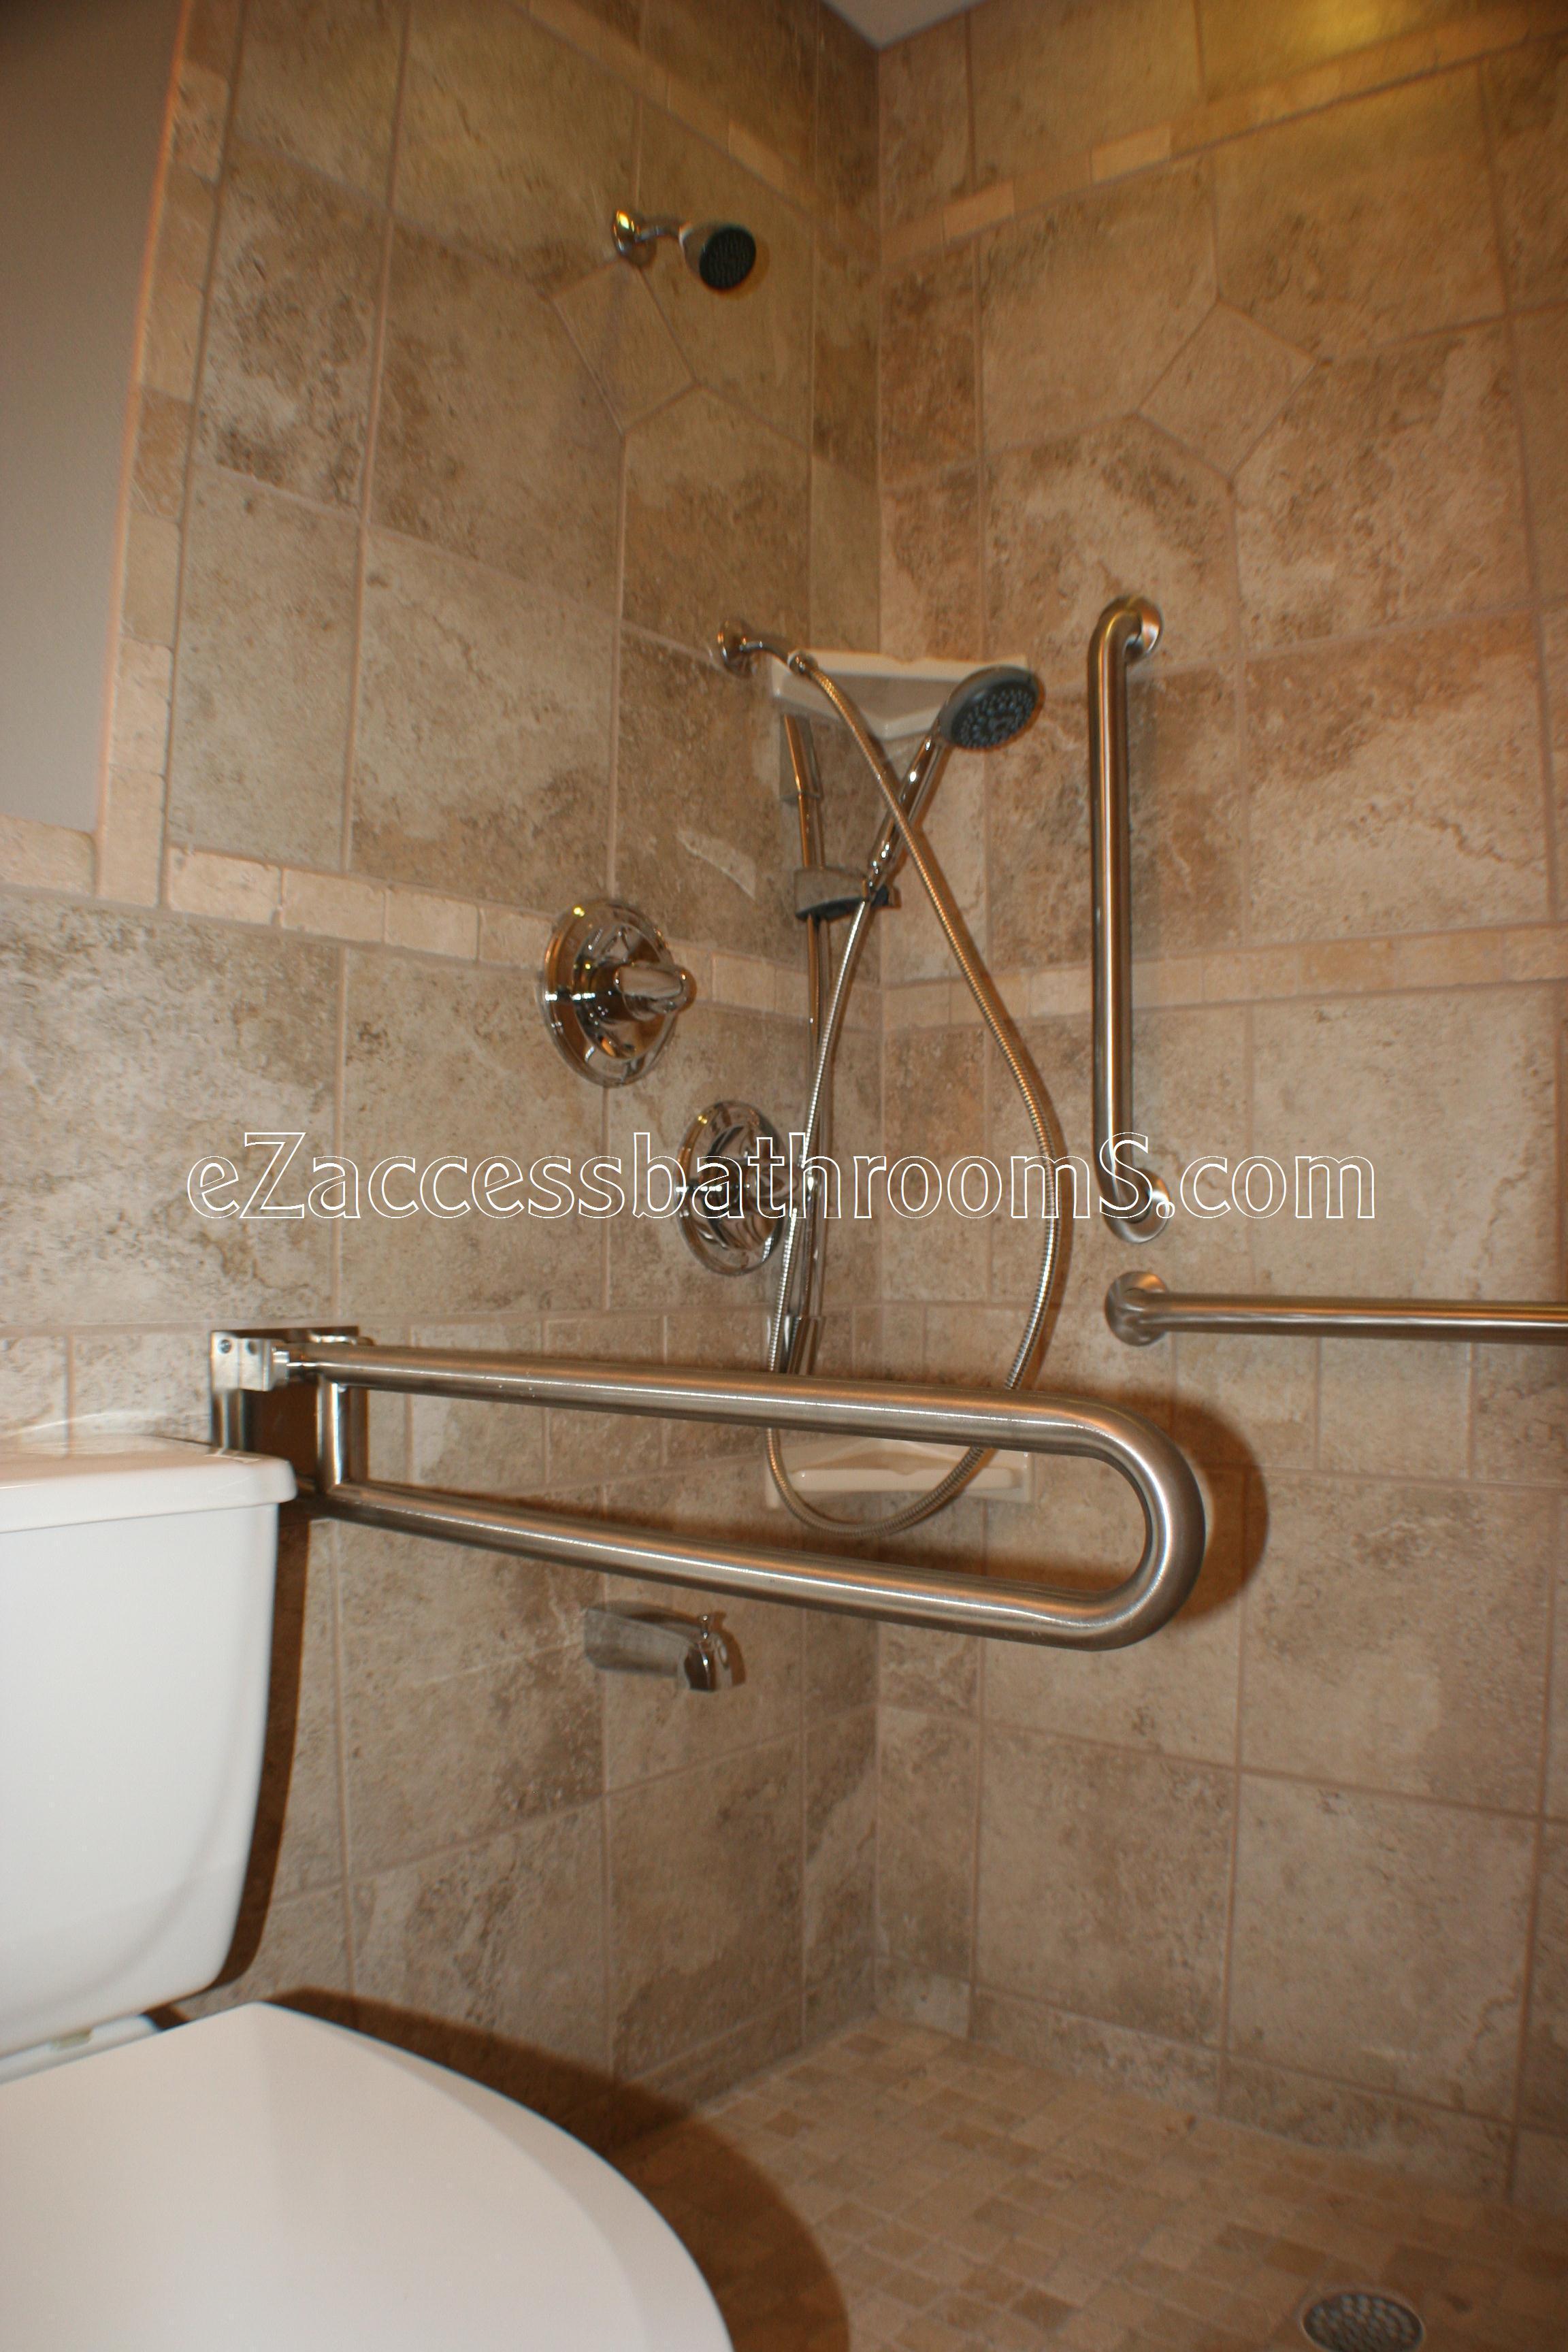 handicap bathroom 01 ezacessbathrooms.com 017.jpg